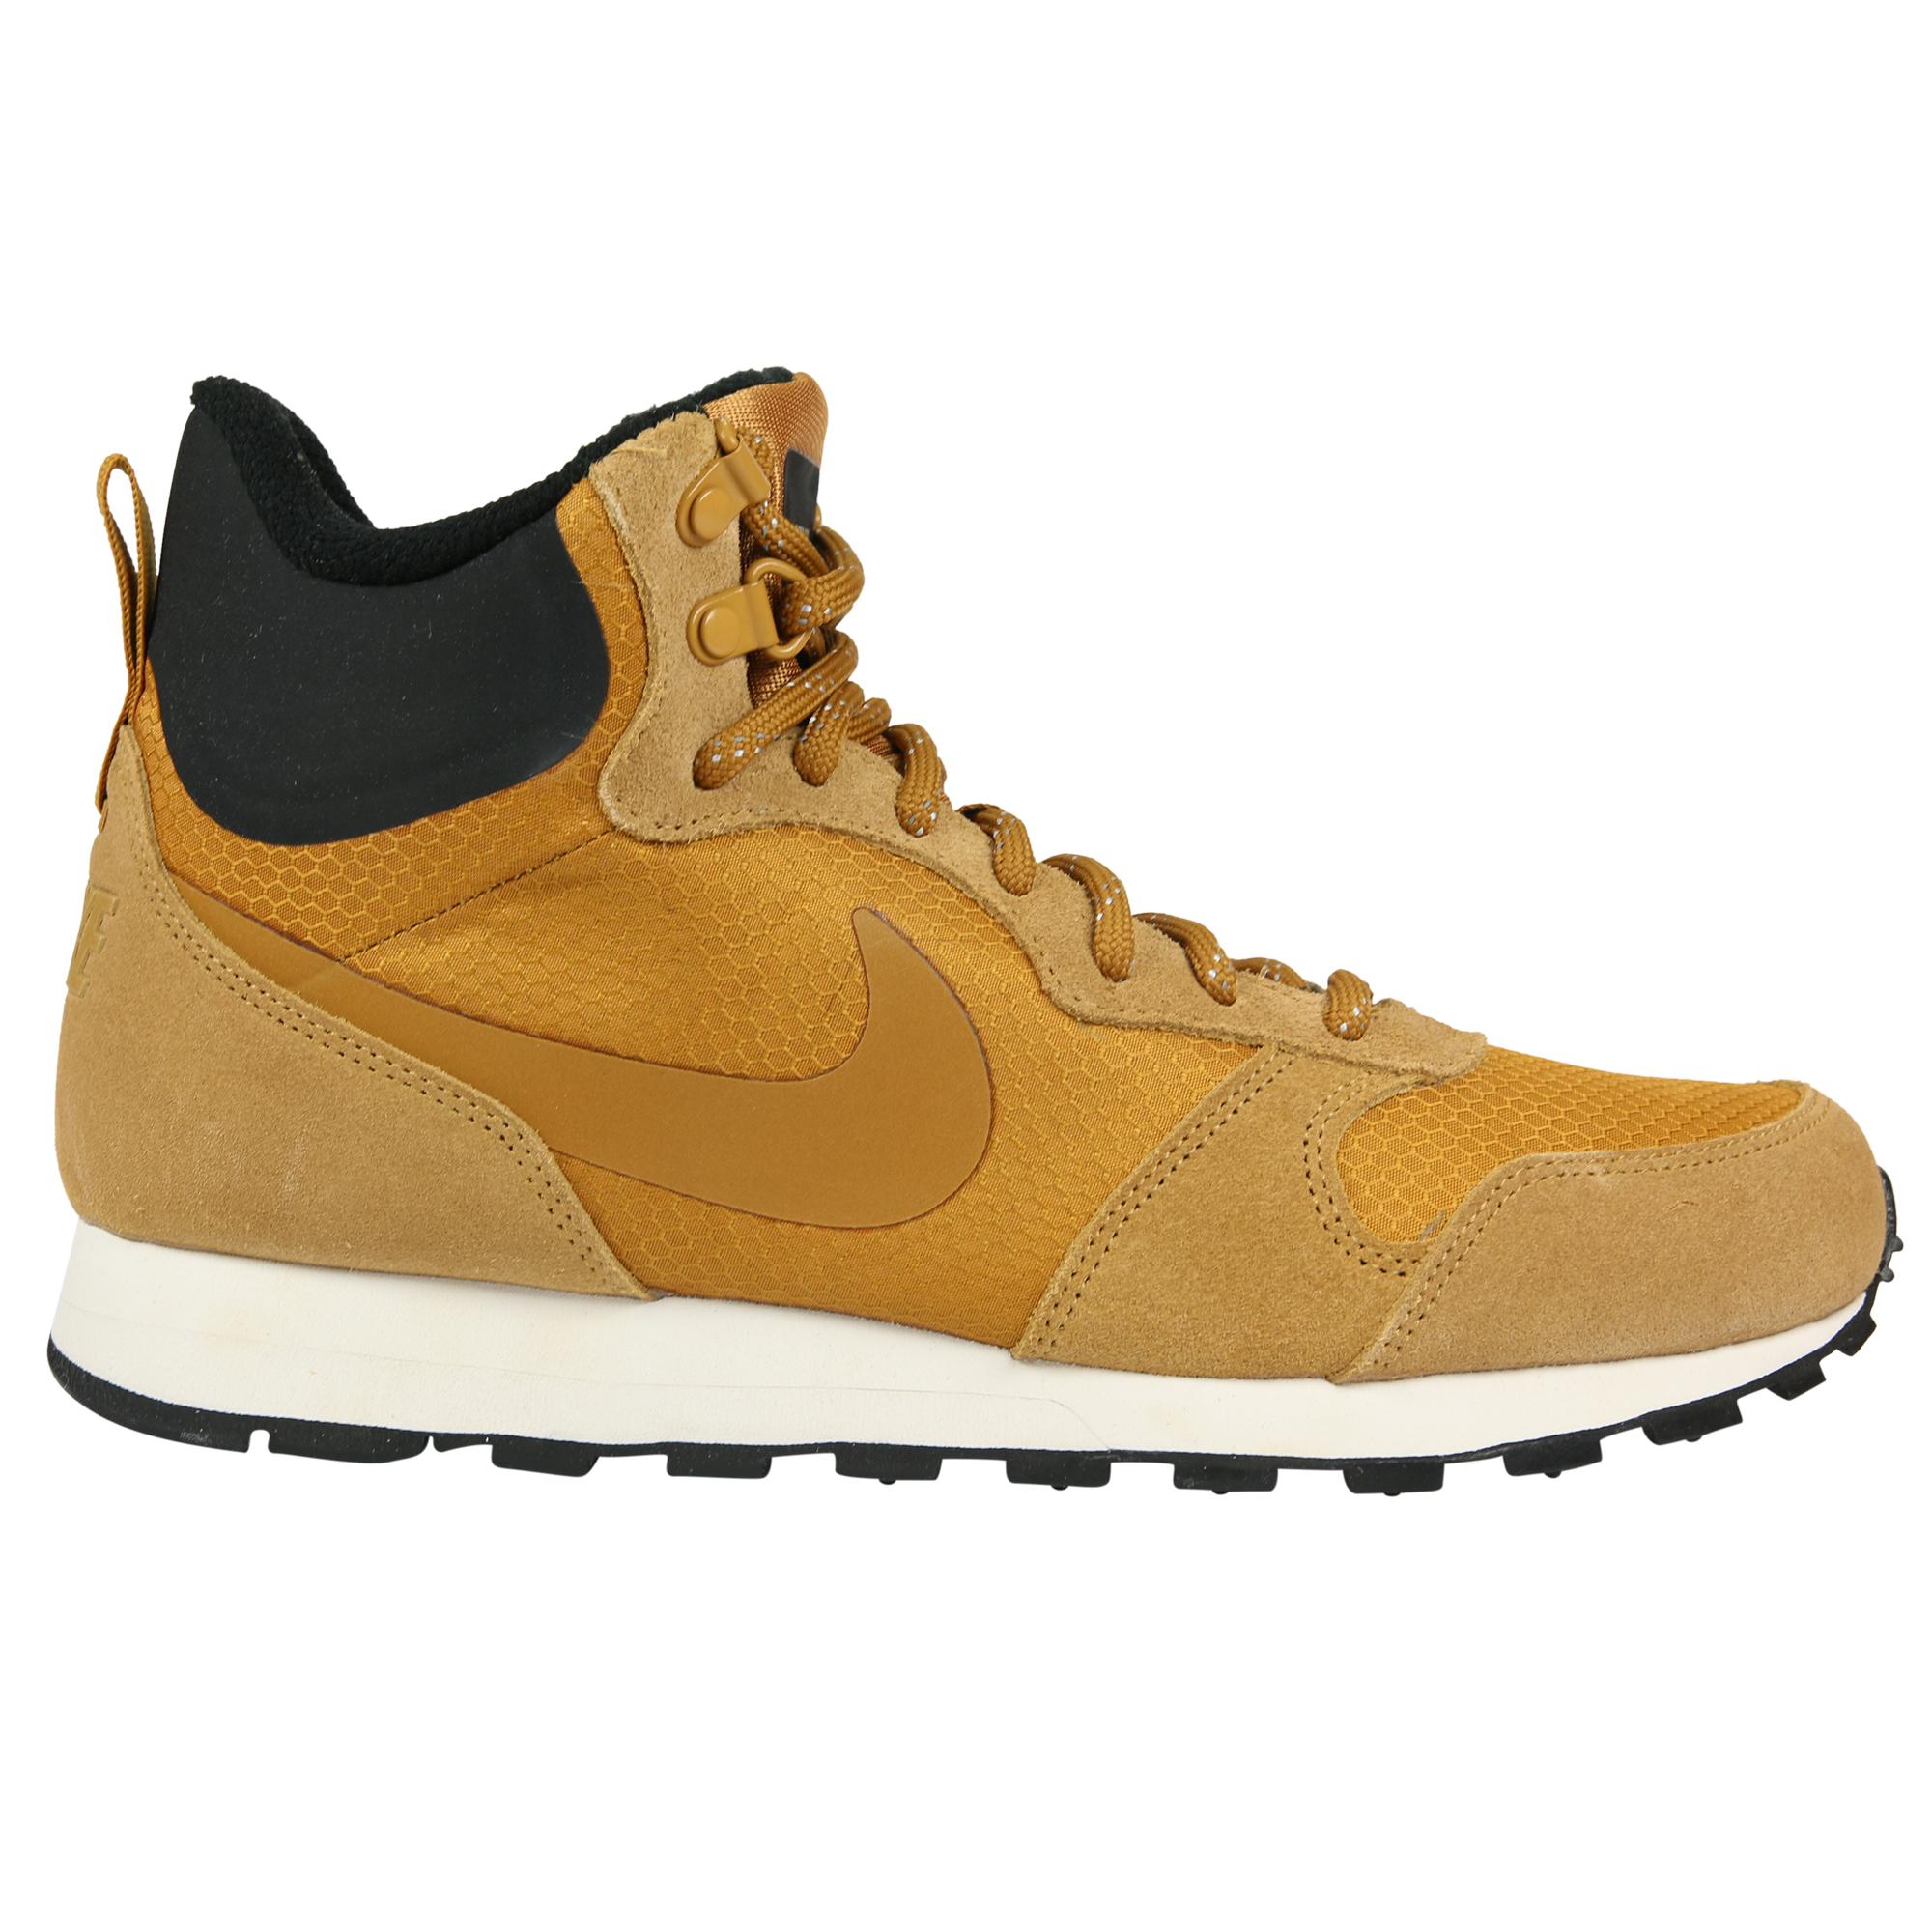 Sconti Invernali Nike Scarpe Acquista Off49 n1ZwO7qg